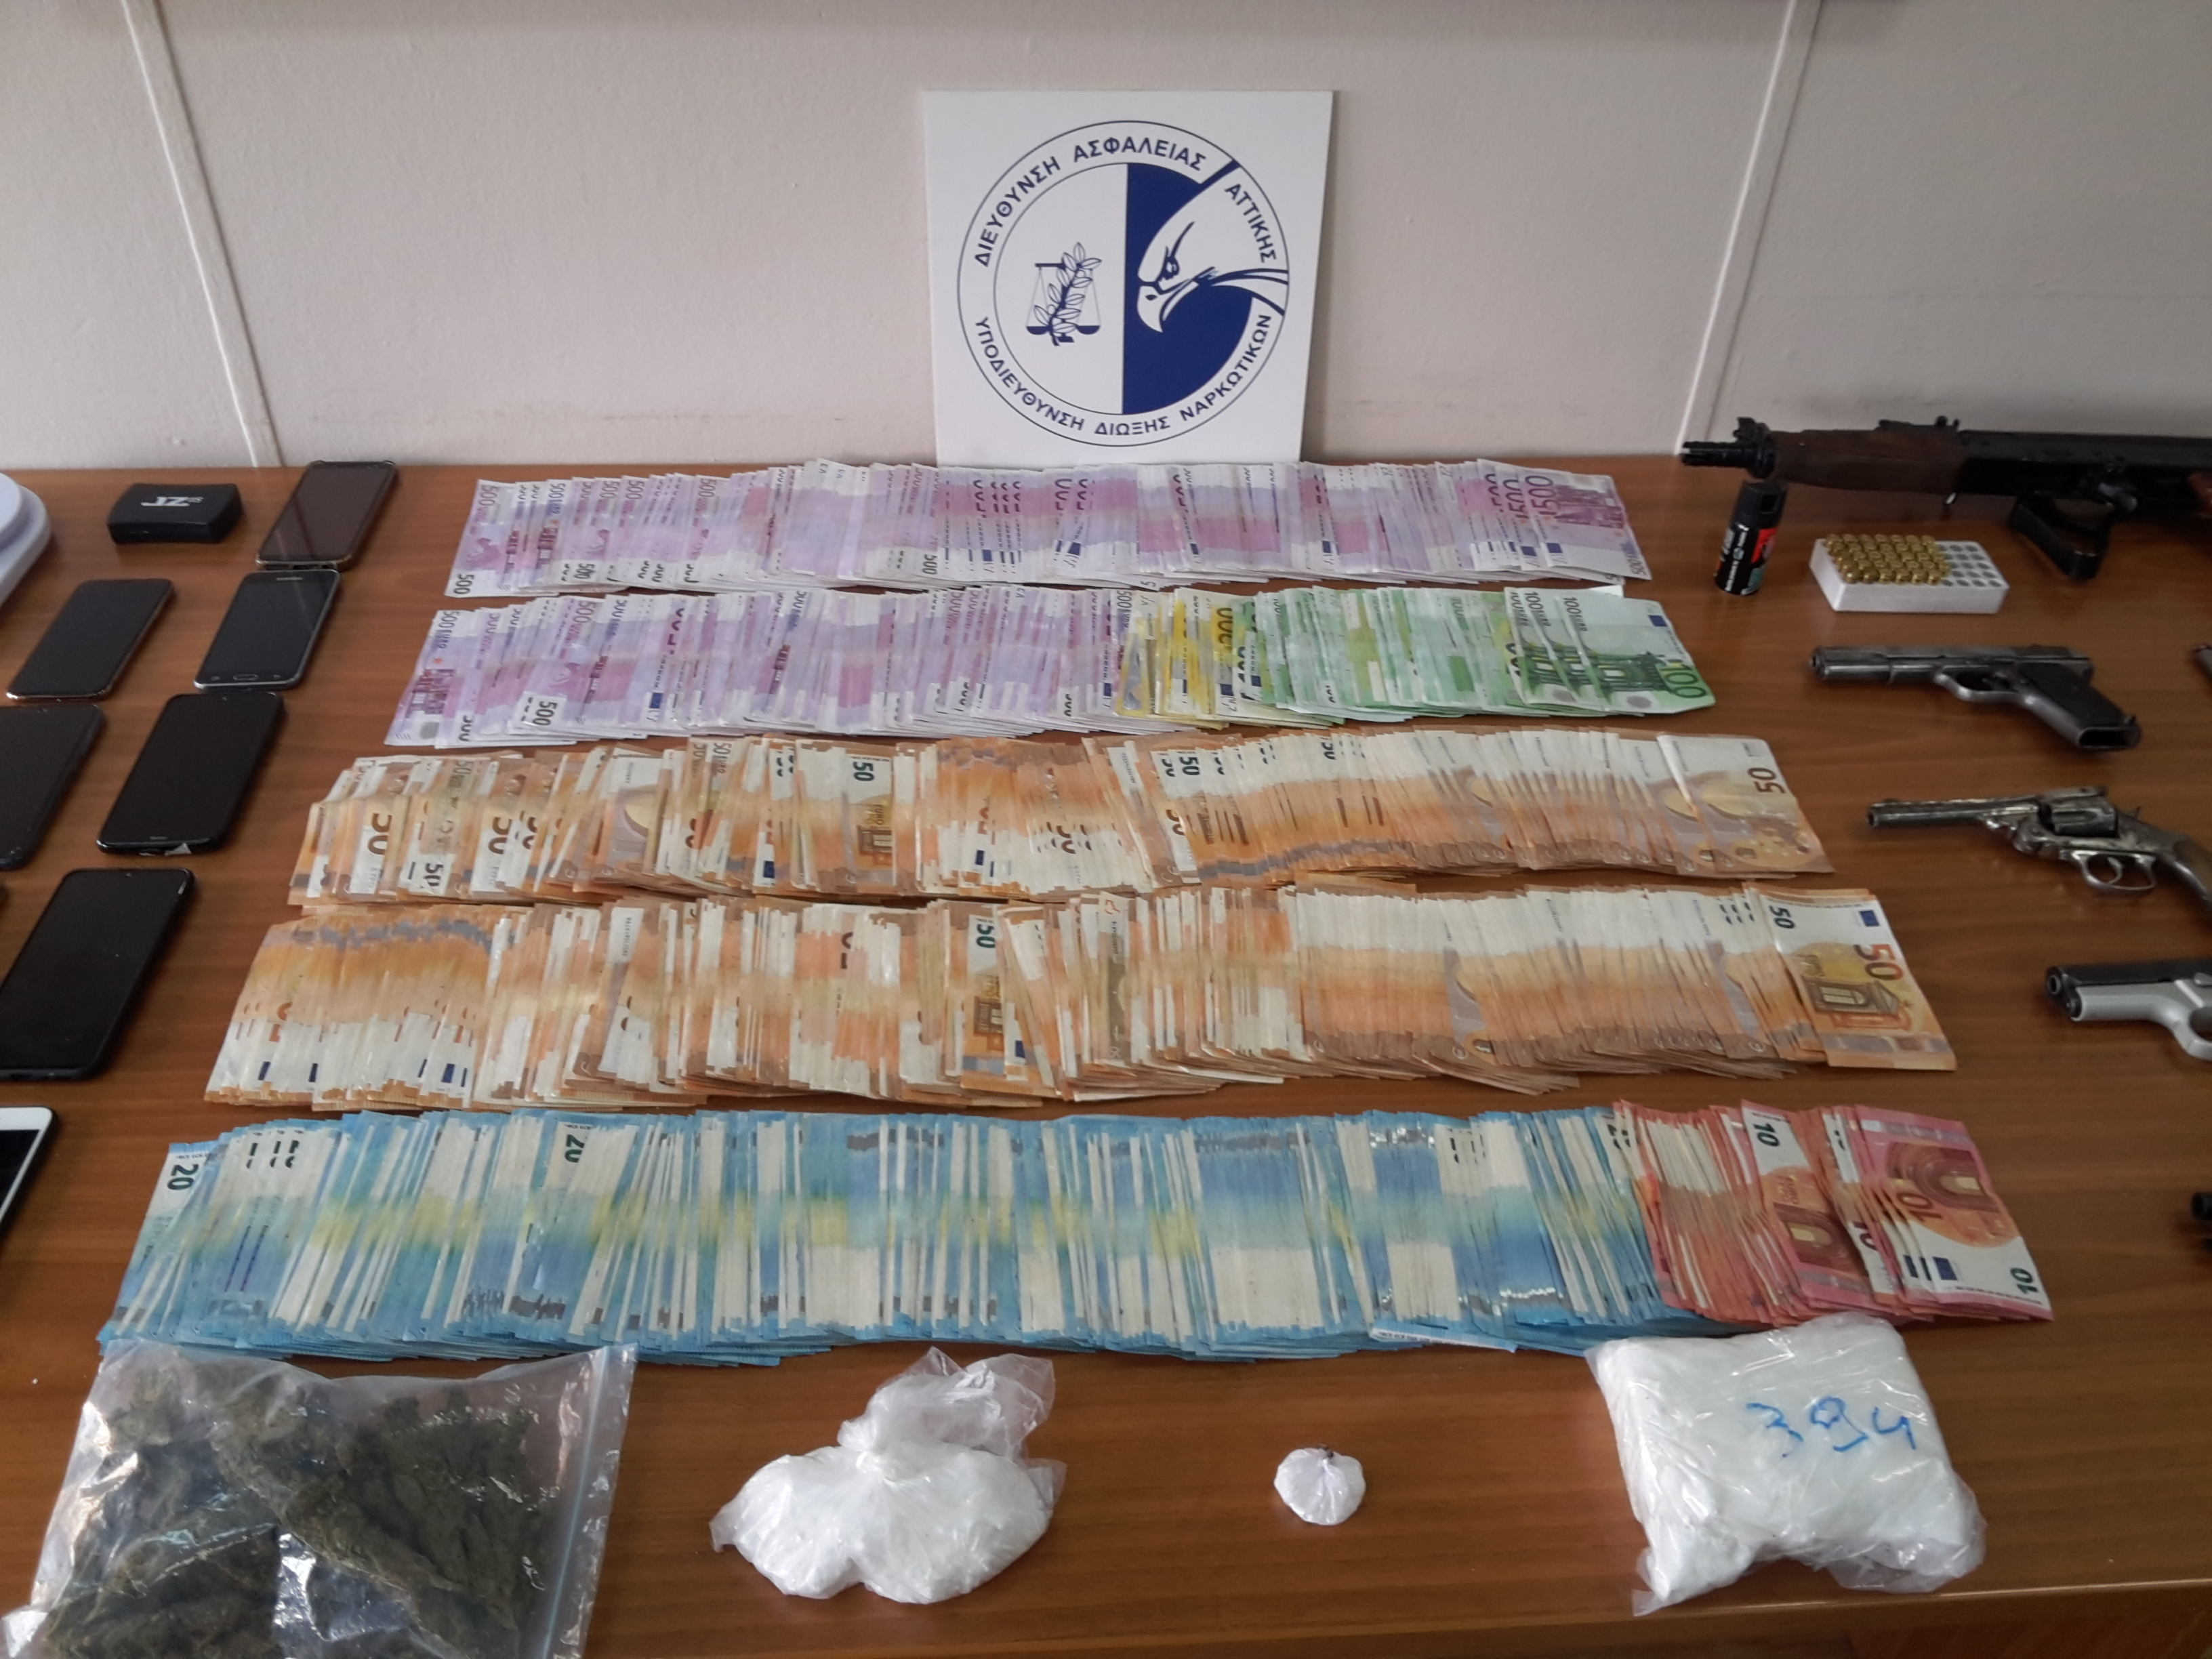 ΕΛ.ΑΣ: Πώς εξαρθρώθηκε το κύκλωμα κοκαΐνης